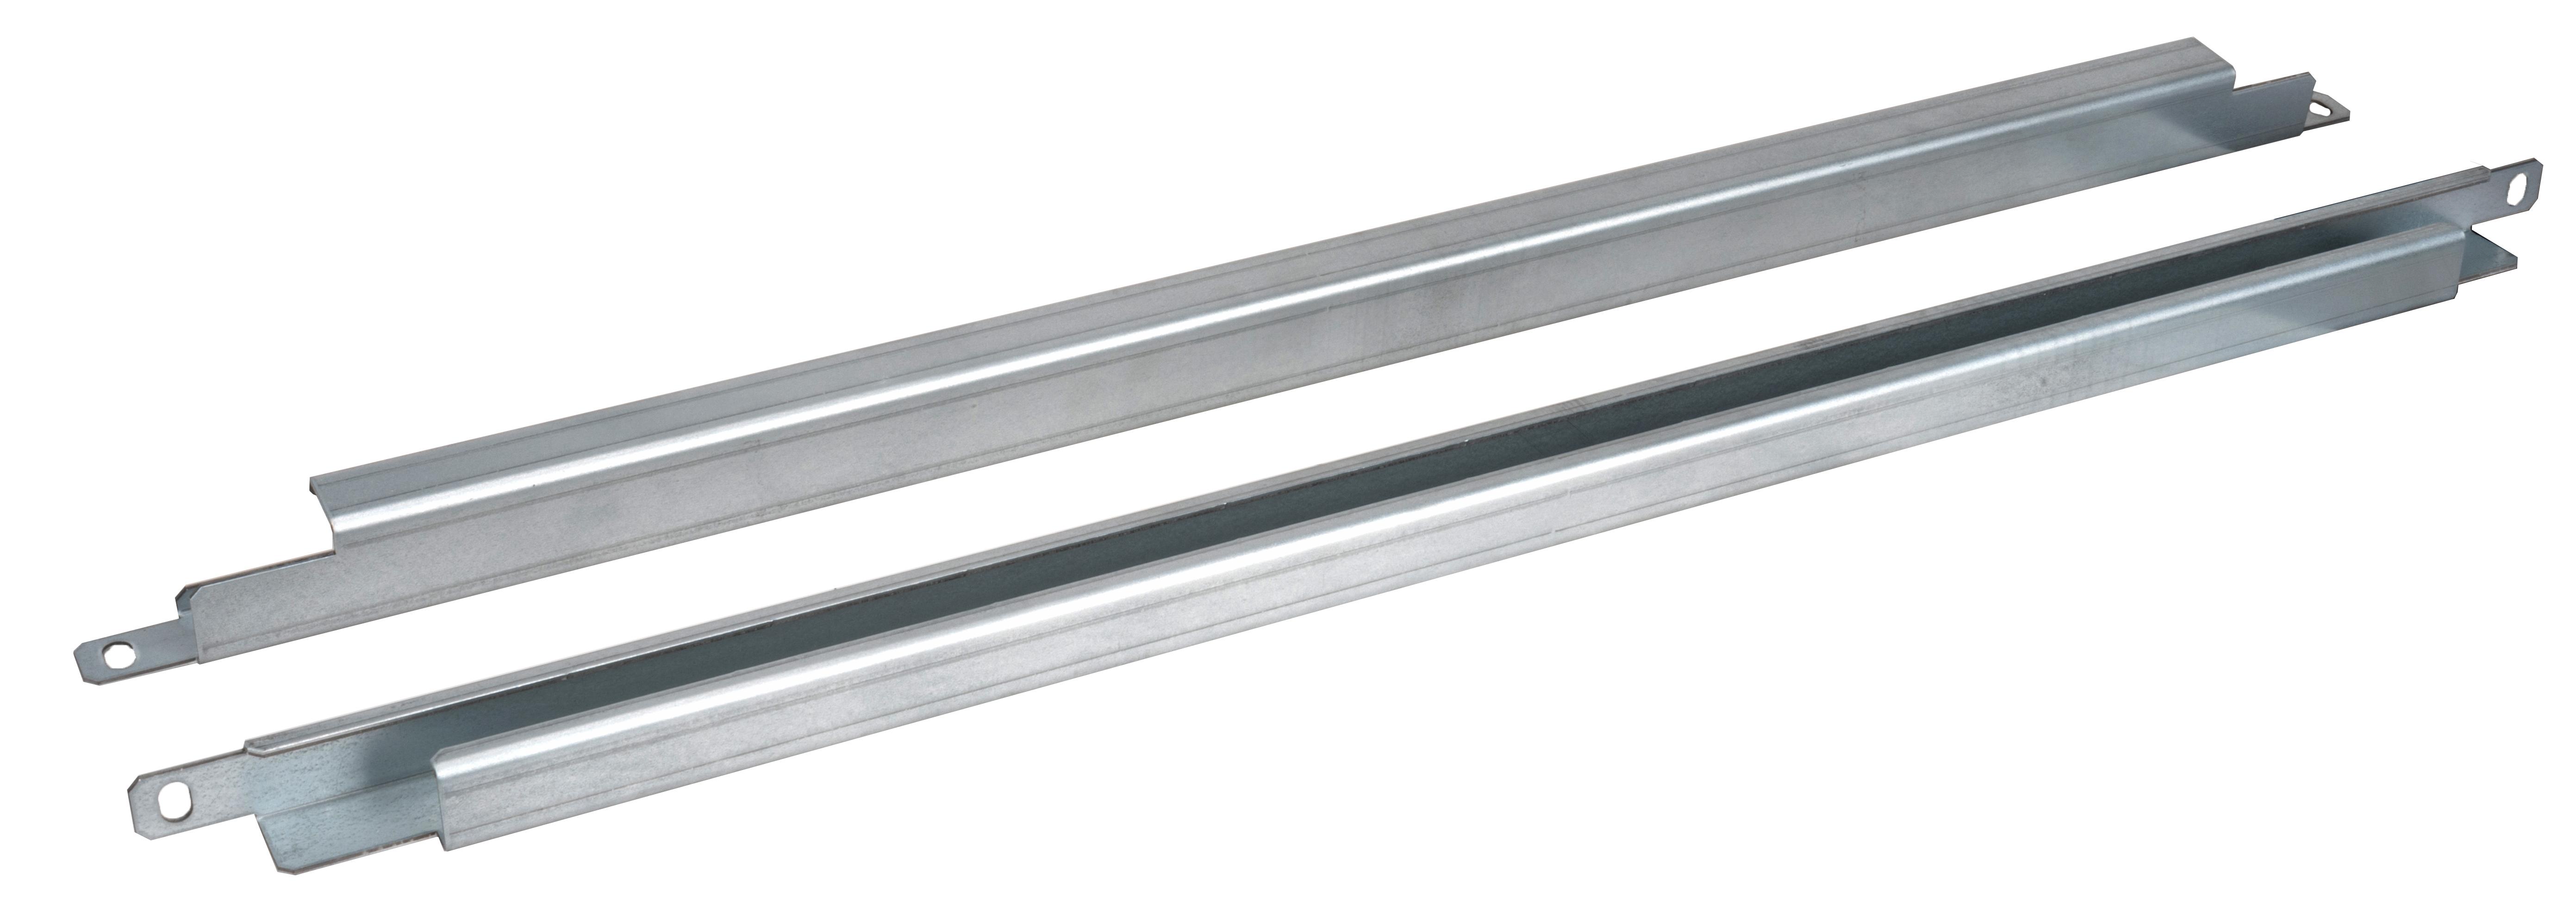 1 VE Kabelabfangschienen Sockelmontage für 600mm breite Schränke ACCAP600--